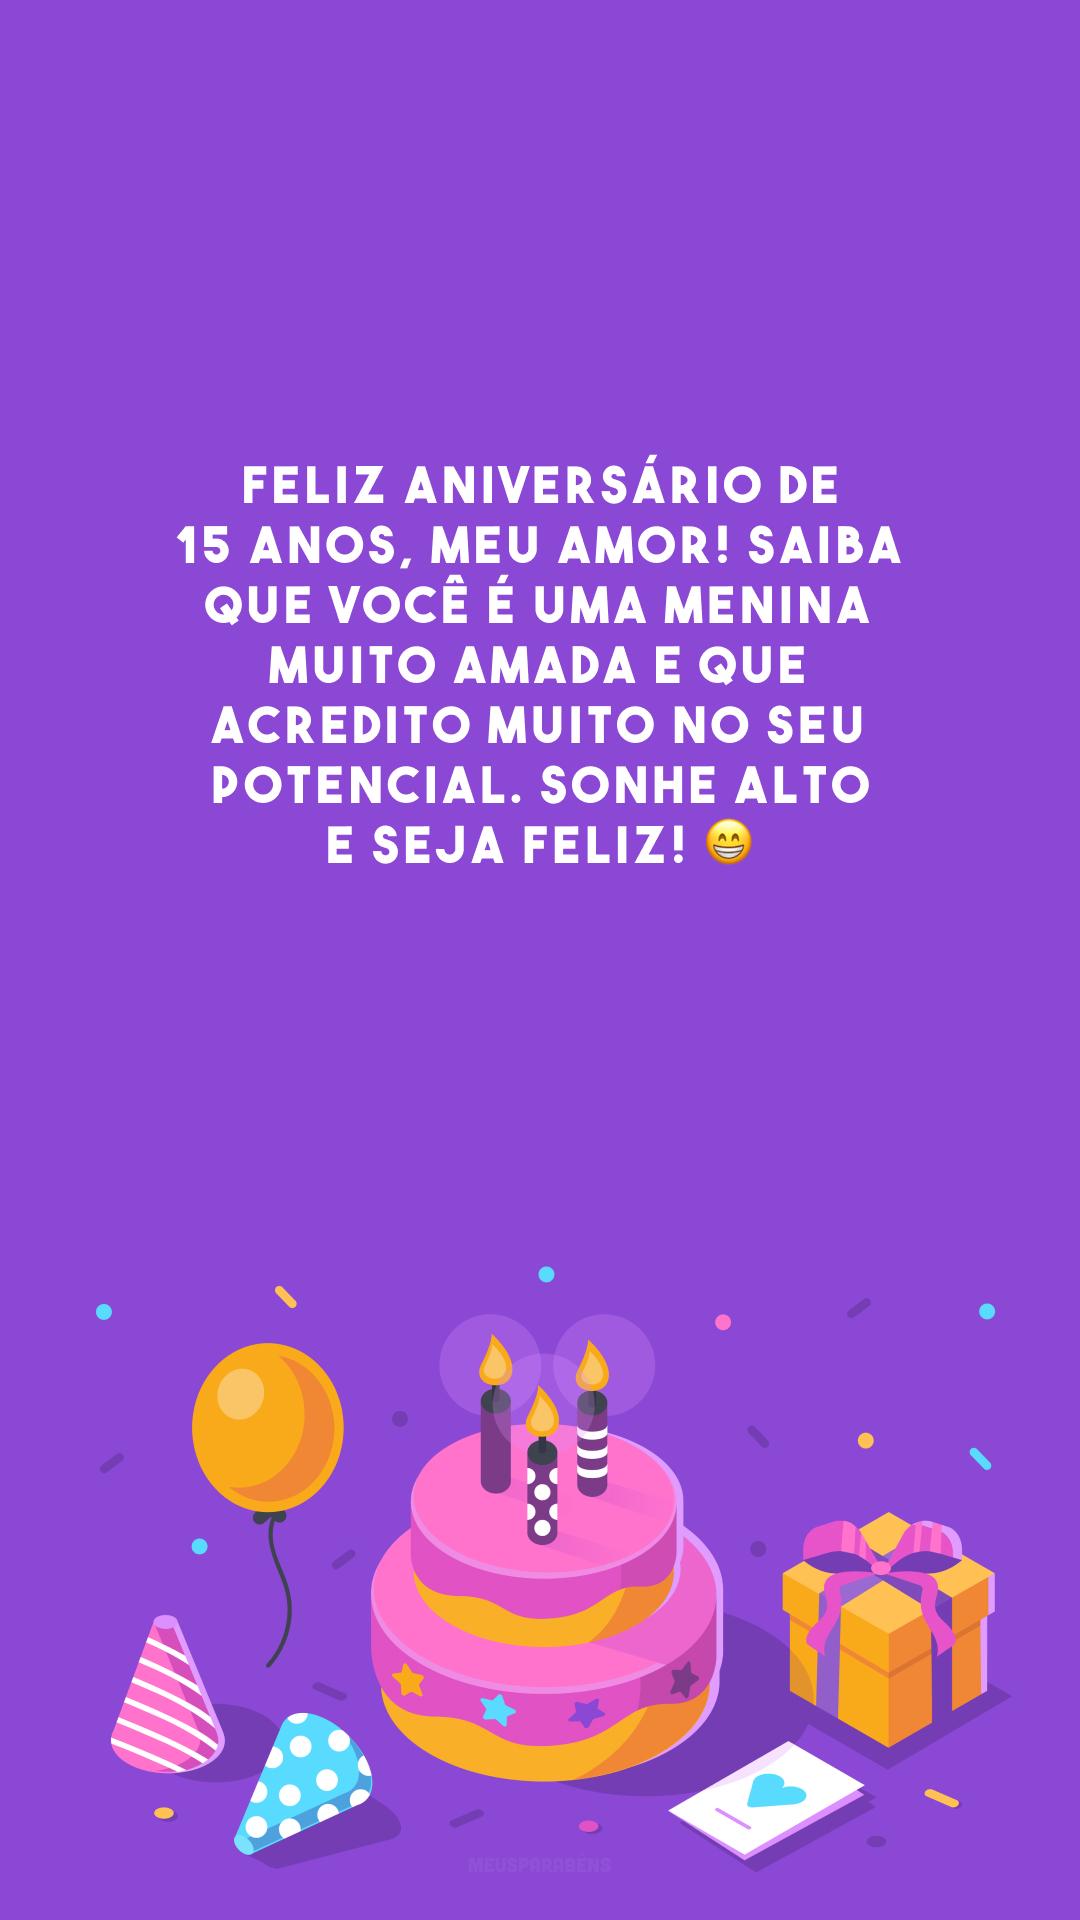 Feliz aniversário de 15 anos, meu amor! Saiba que você é uma menina muito amada e que acredito muito no seu potencial. Sonhe alto e seja feliz! 😁